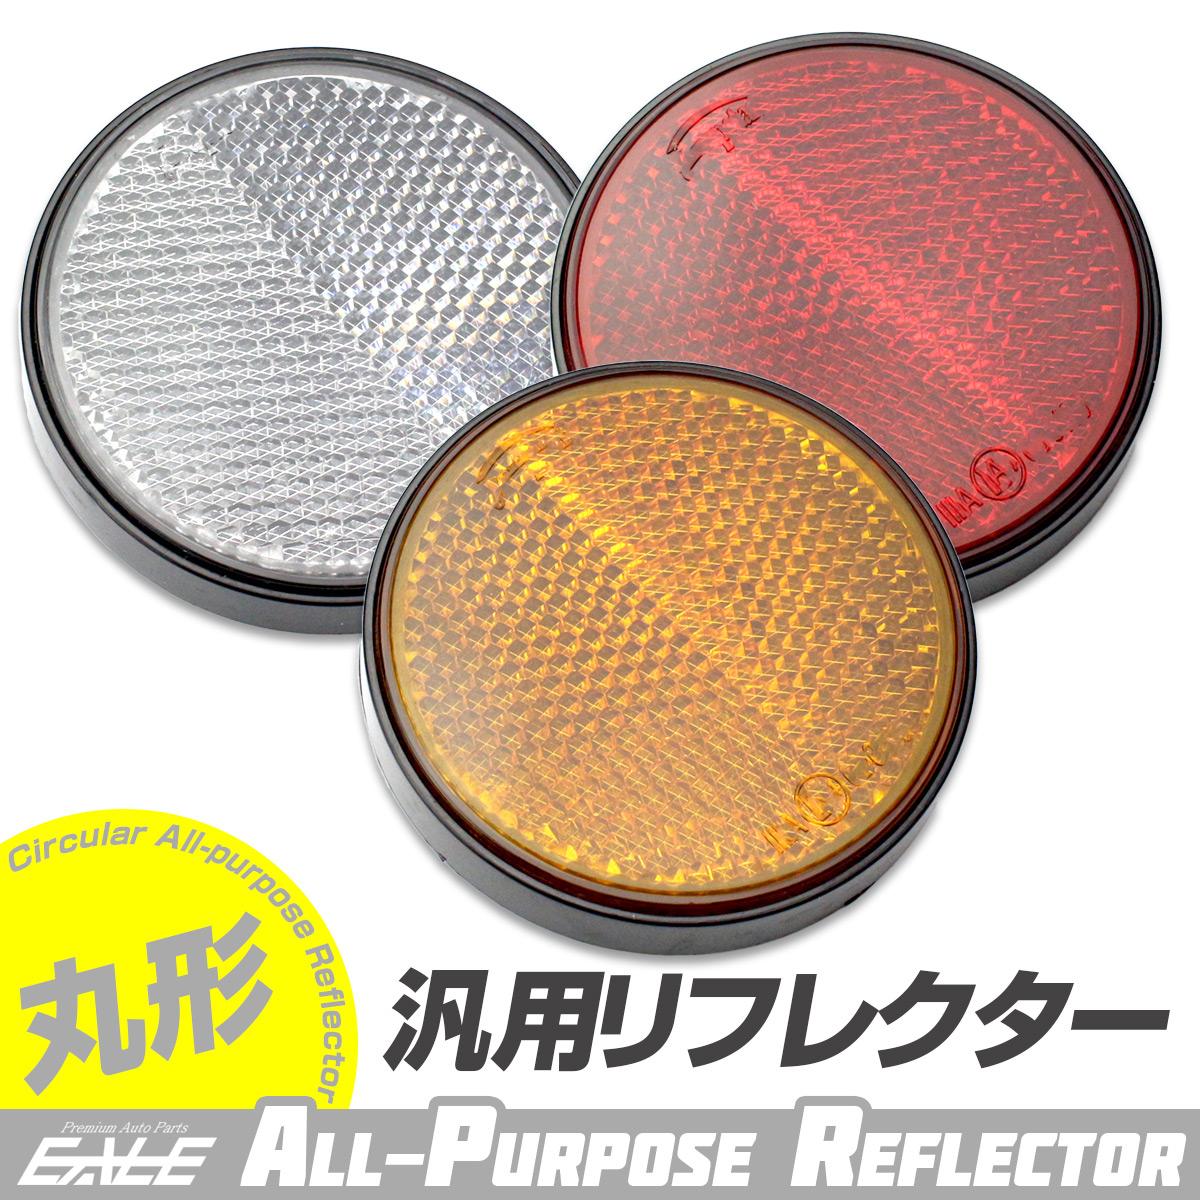 【ネコポス可】 汎用 リフレクター 丸型 両面テープ 貼り付けタイプ Eマーク付き 反射板 M-87-M-89